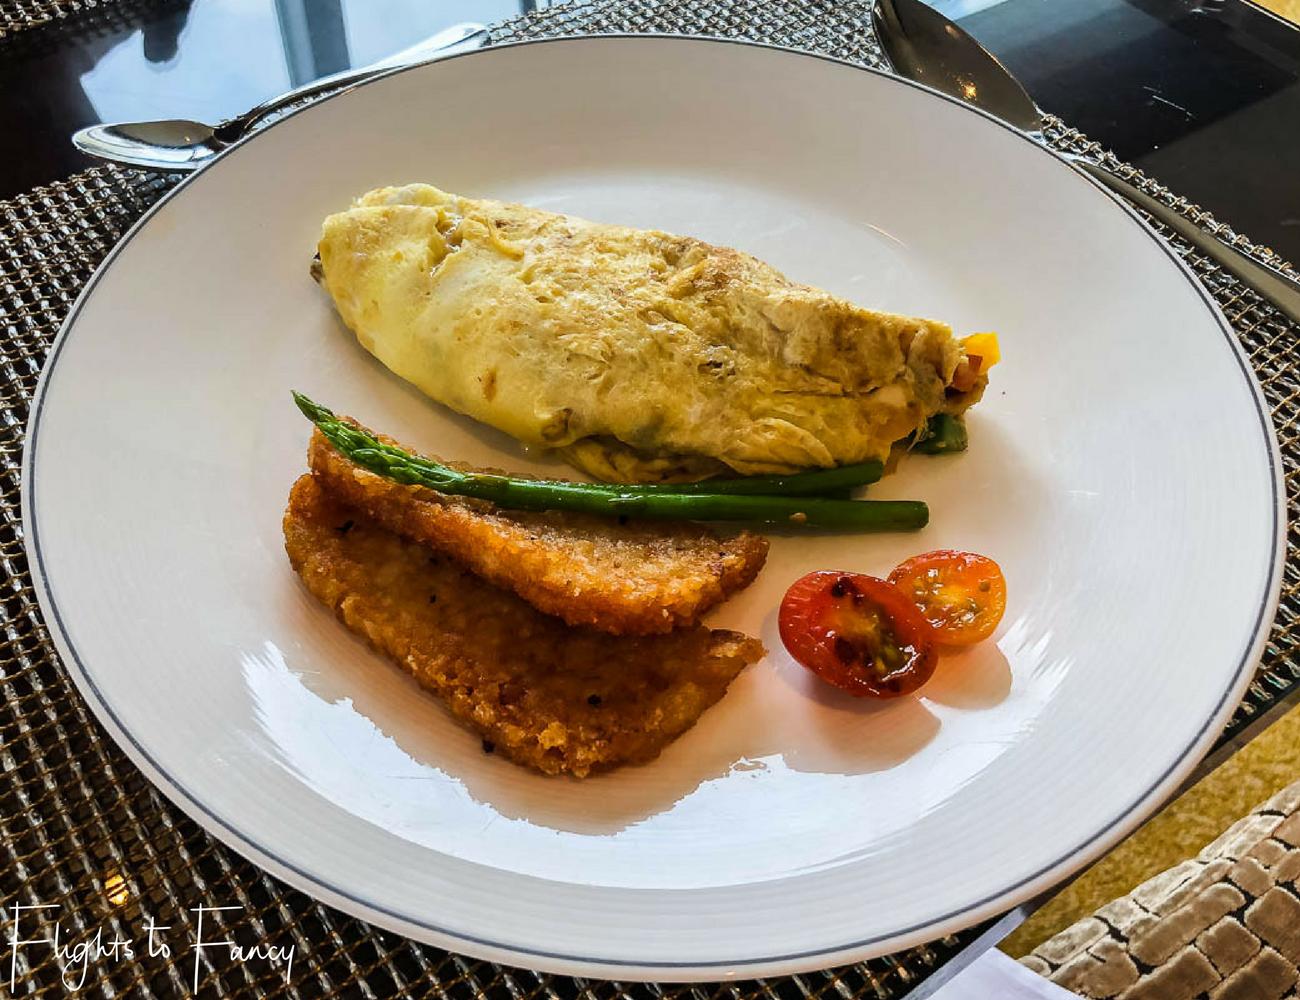 Flights to Fancy - Fairmont Makati Gold Lounge Breakfast Omelette